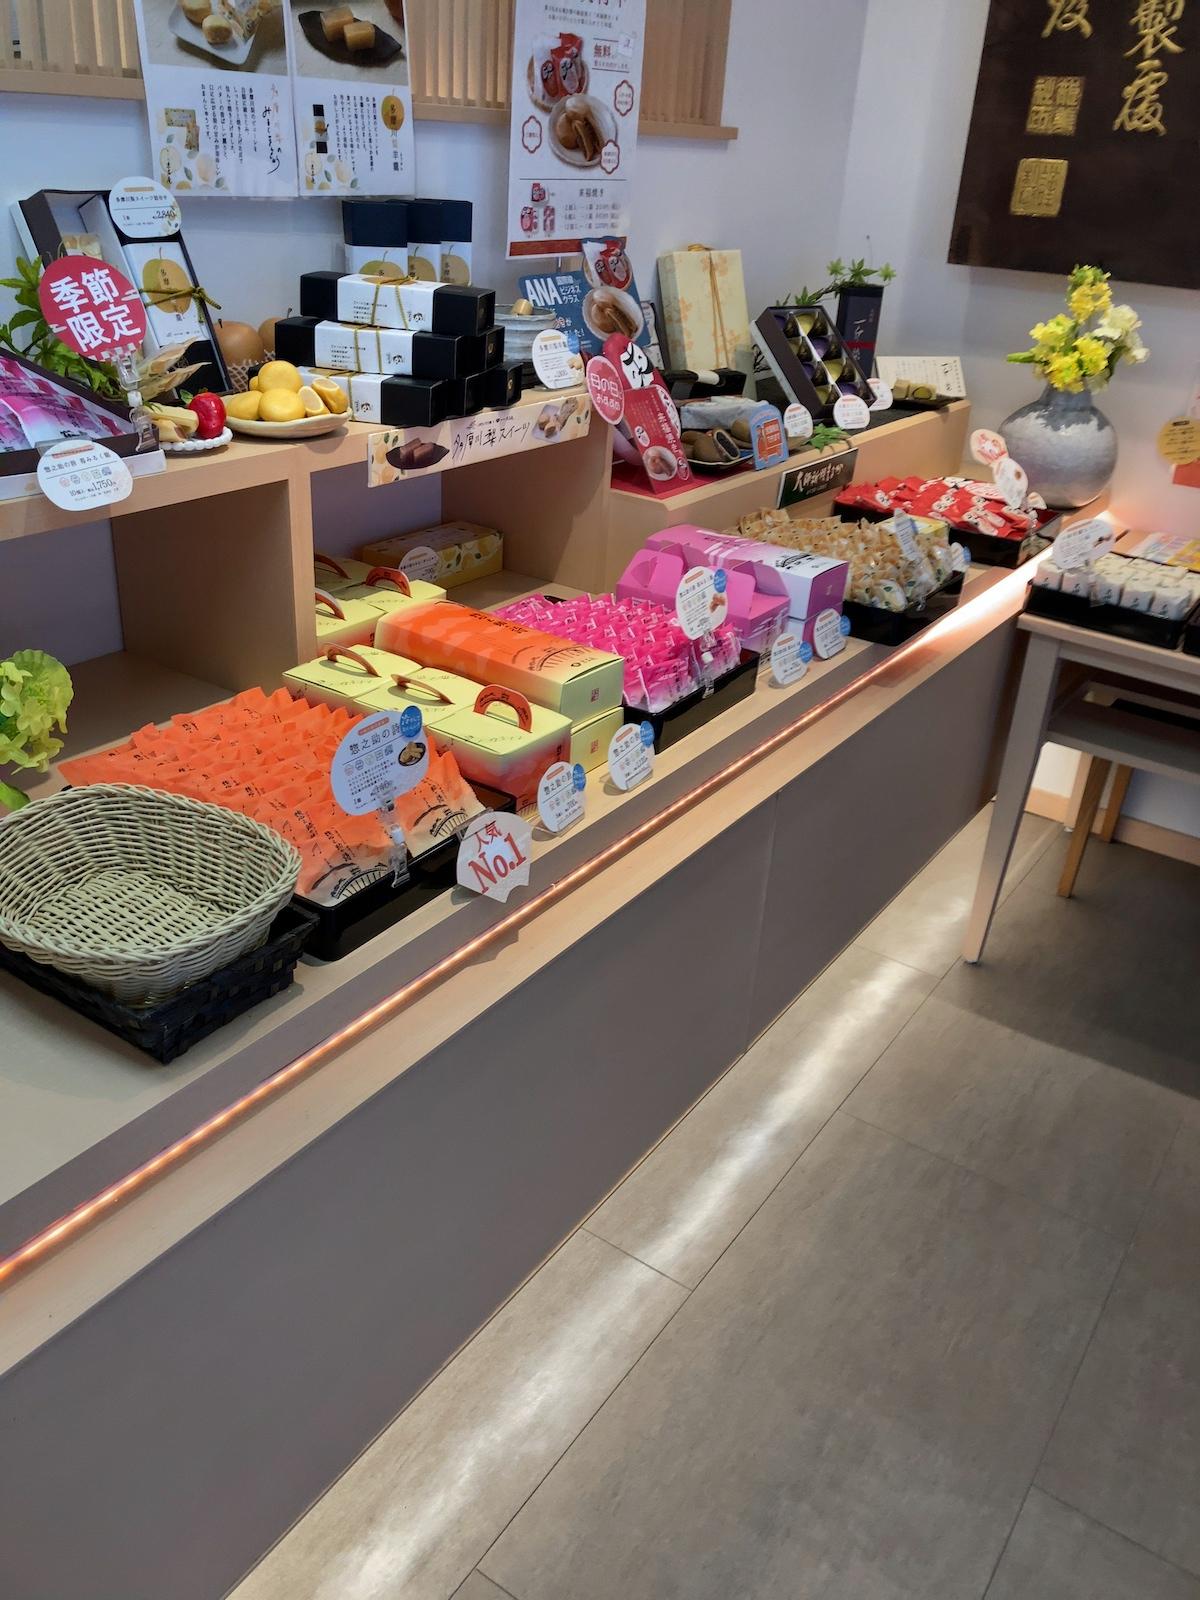 上品なお菓子が並んでいます。発送もできるのでお土産に良いかもしれません。